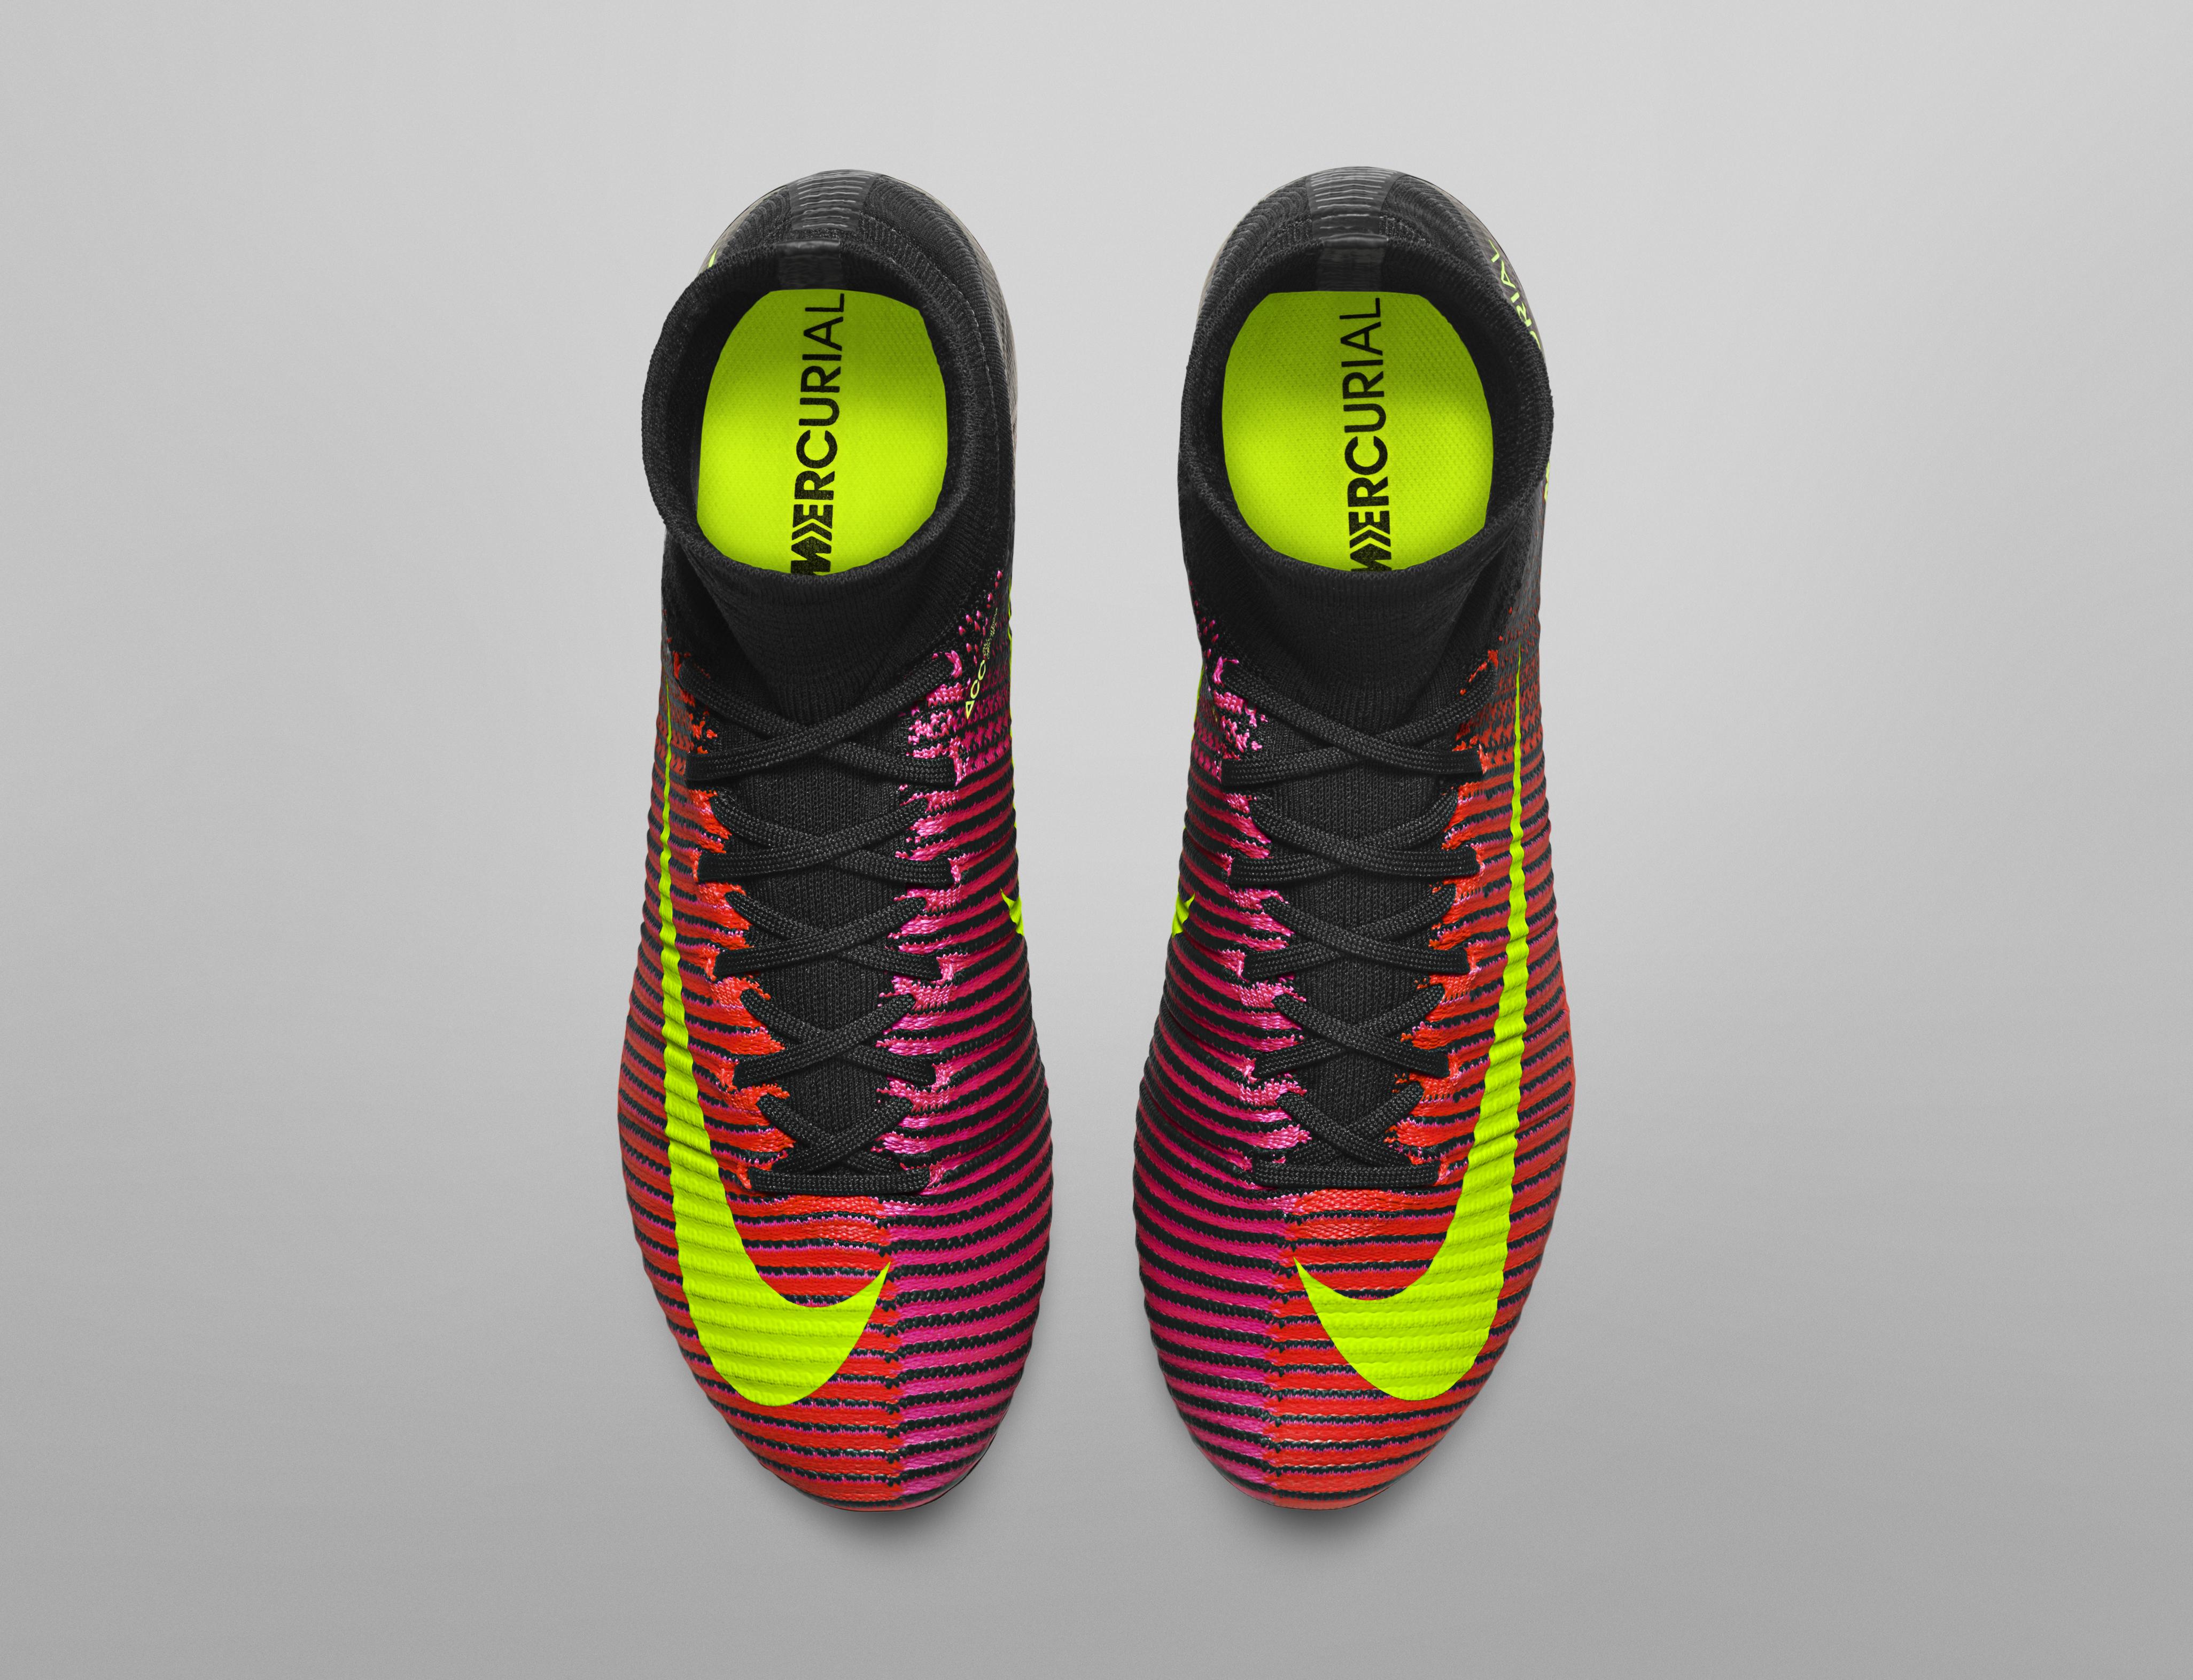 Scarpe da calcio Nike Spark Brillance Pack  la collezione per Euro 2016 057686c7955